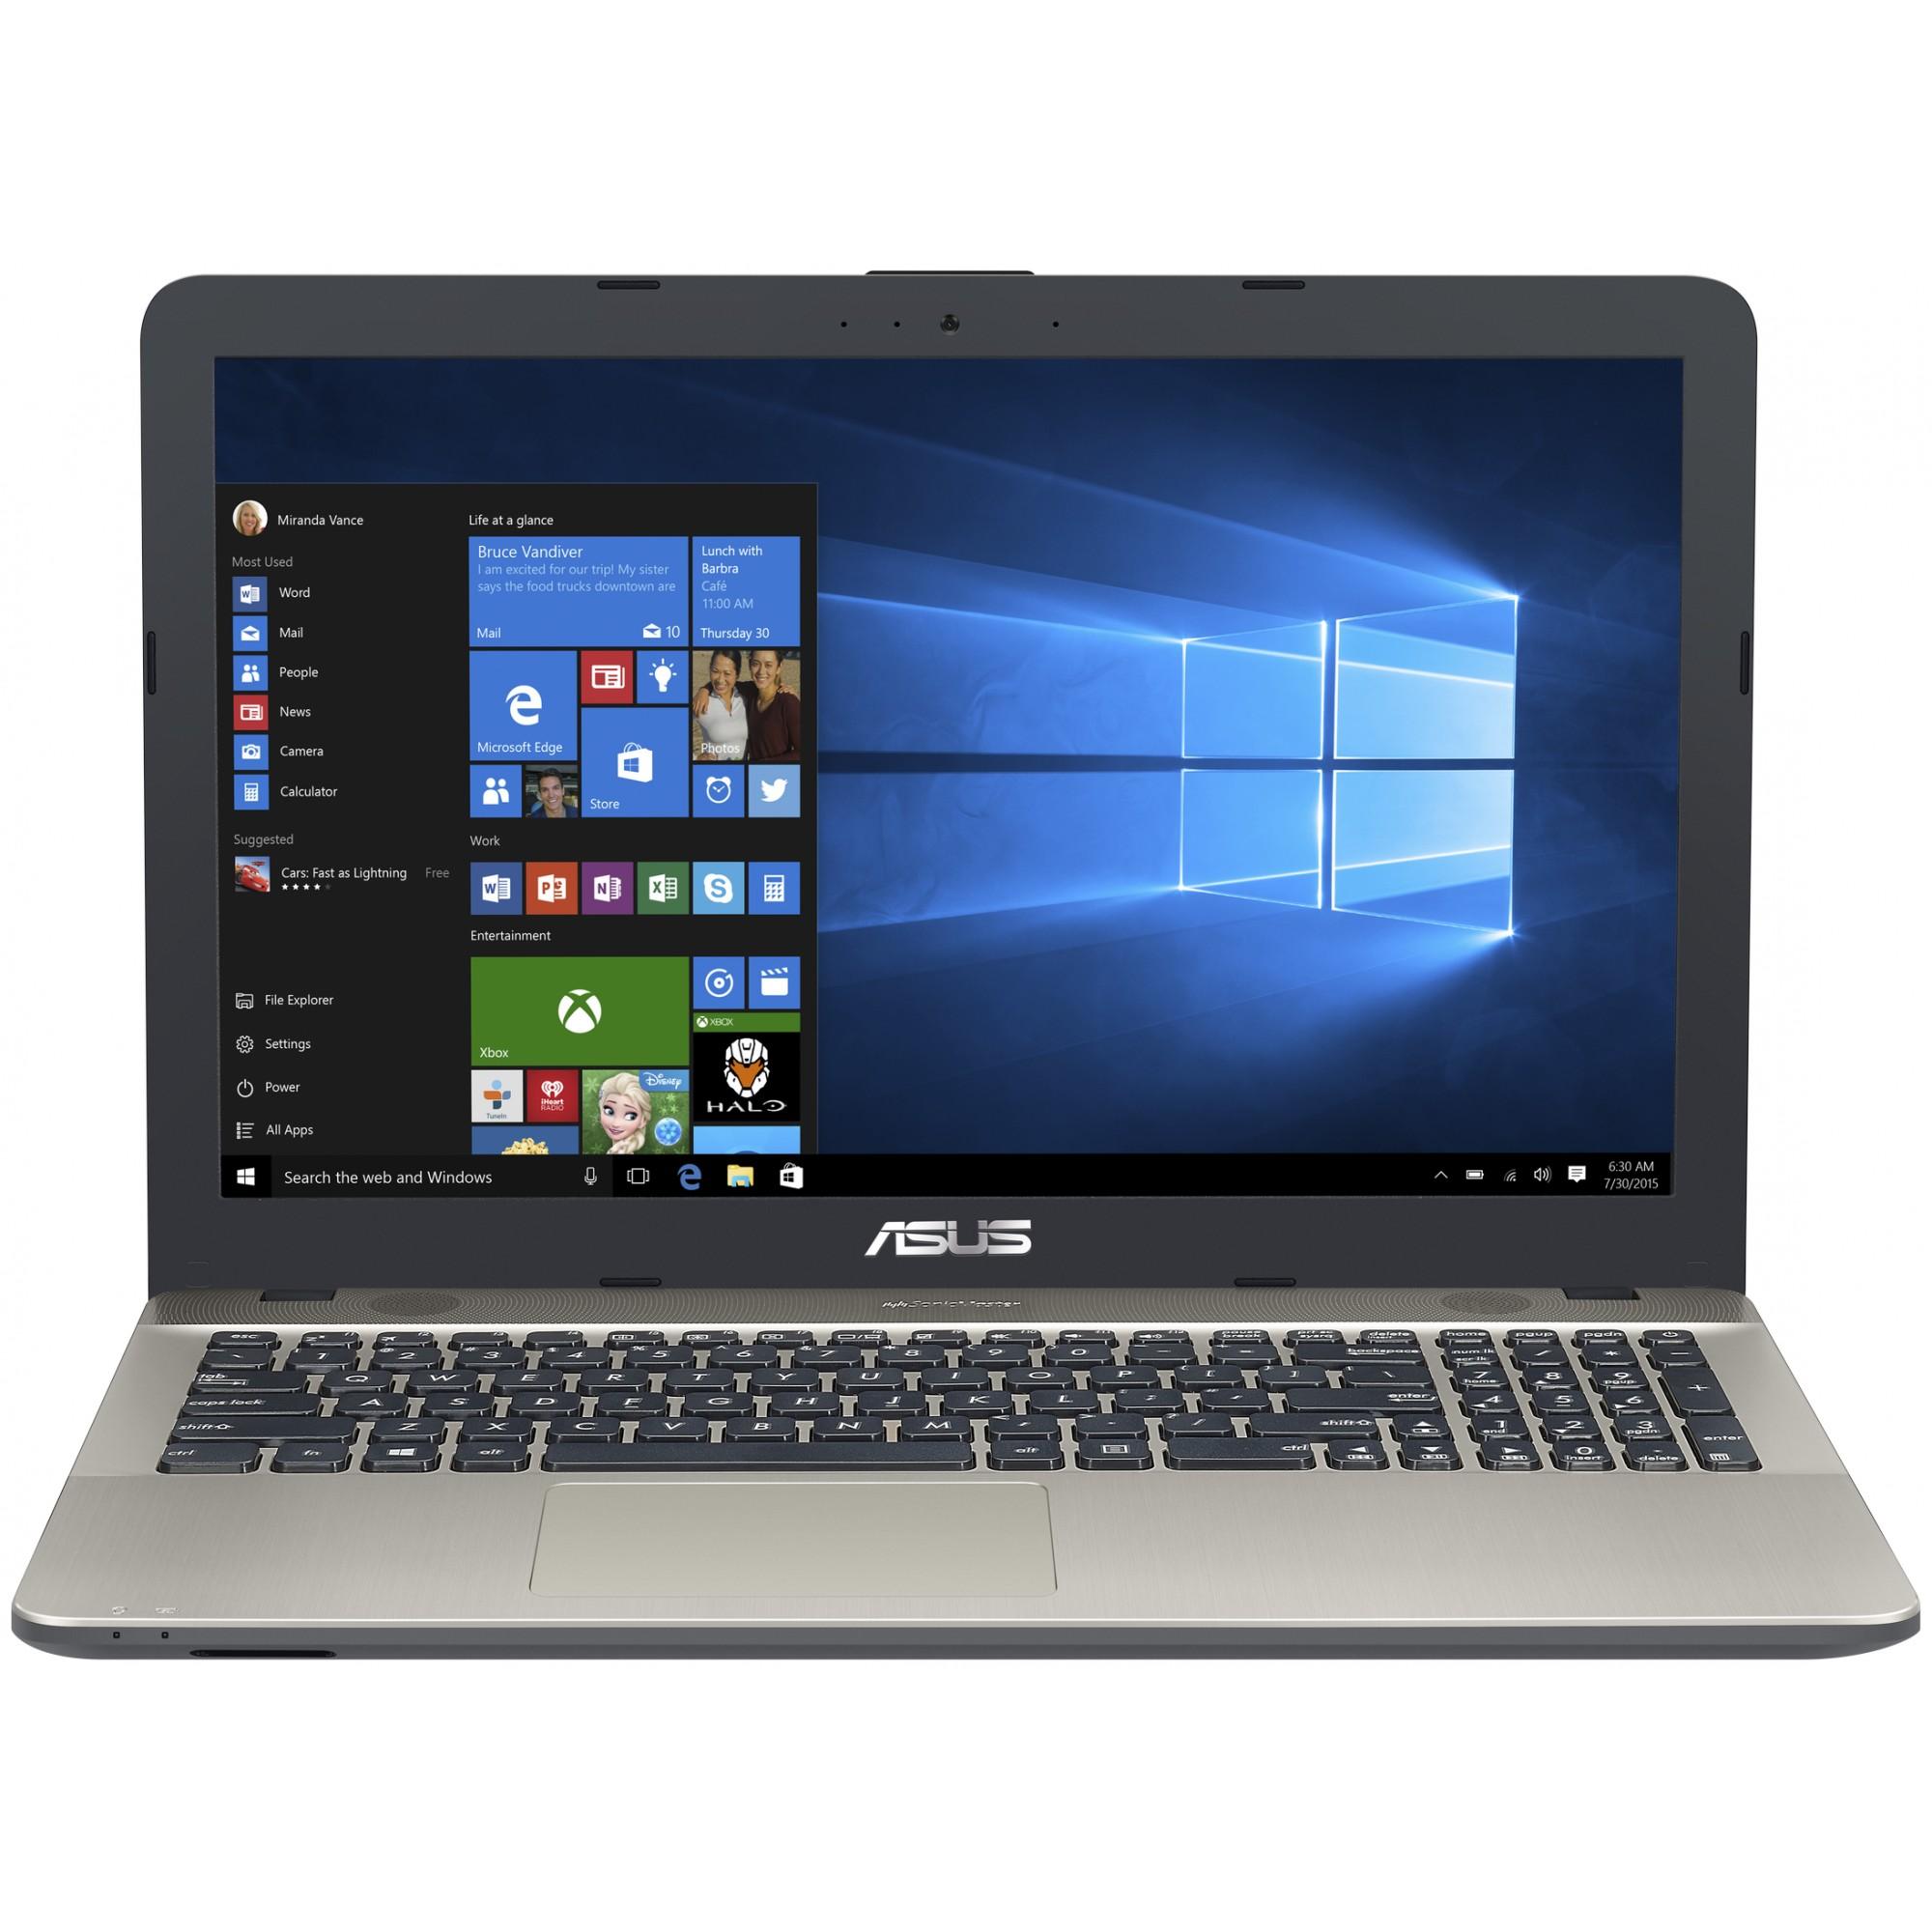 NOTEBOOK ASUS C-D X541SA-XO633 N30001.6GHz UP TO 2.6GHZ 2M 4G HD 1T VGA INTEL HD 15.6 BLACK ,Laptop Pc